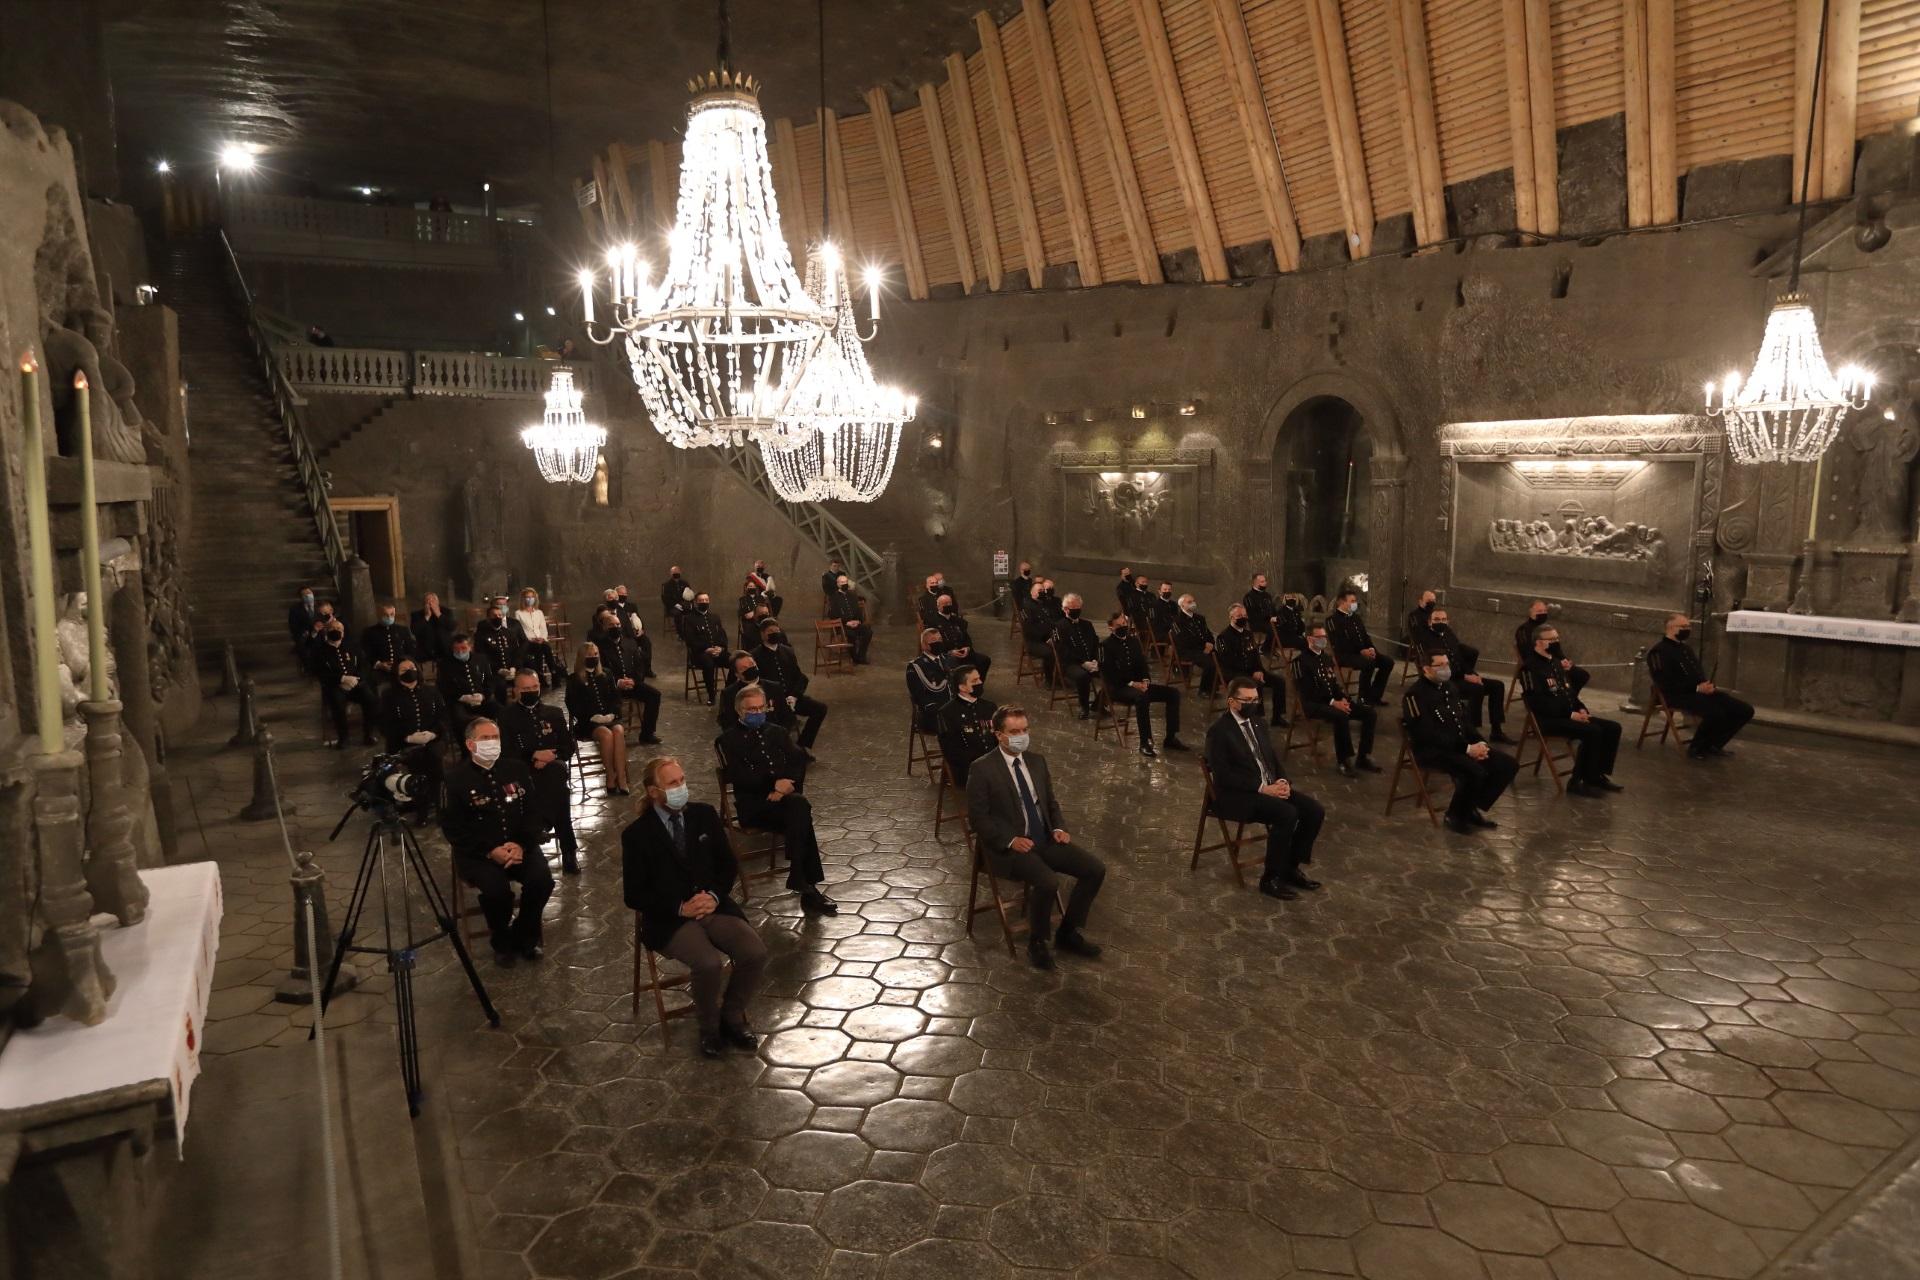 Widok na kaplicę św. Kingi. Jej wnętrze oświetlają cztery solne żyrandole. W bezpiecznych odstępach siedzą górnicy w galowych mundurach oraz zaproszeni goście